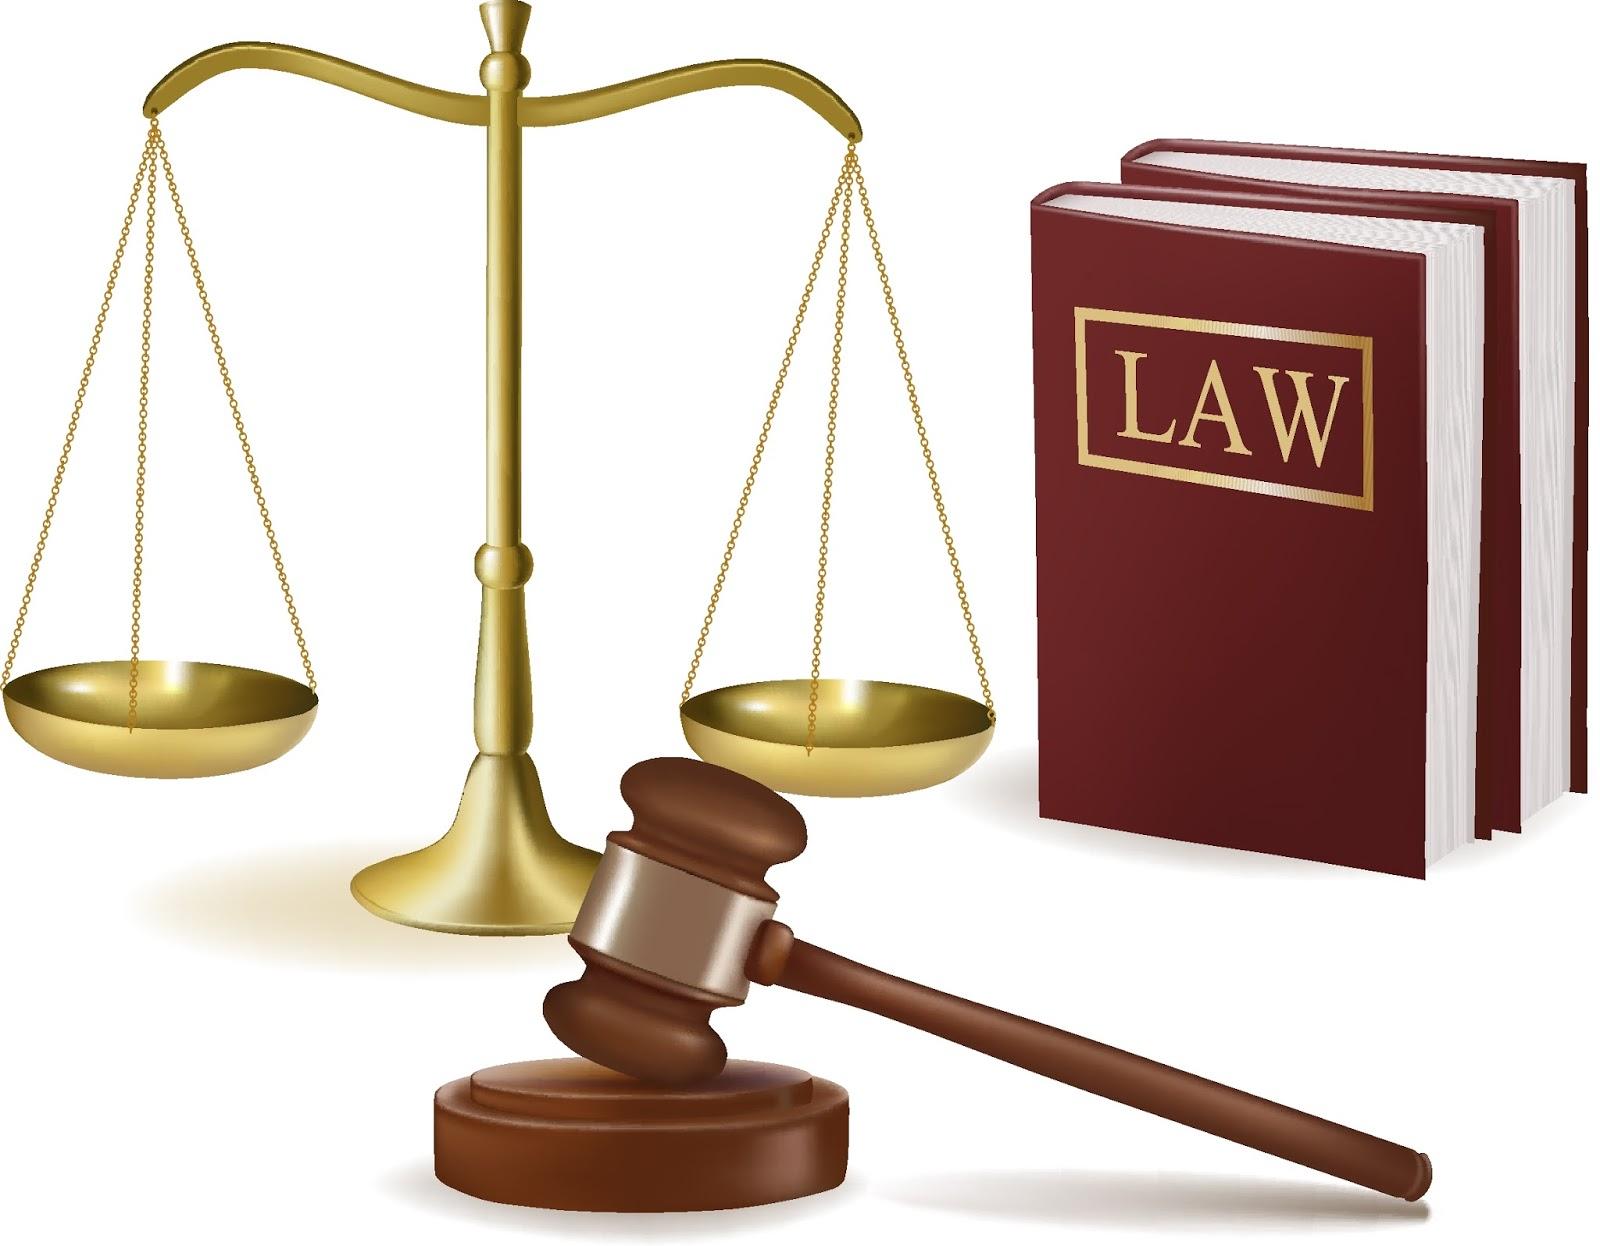 Một số điểm mới nổi bật của Bộ luật Hình sự sửa đổi 2017